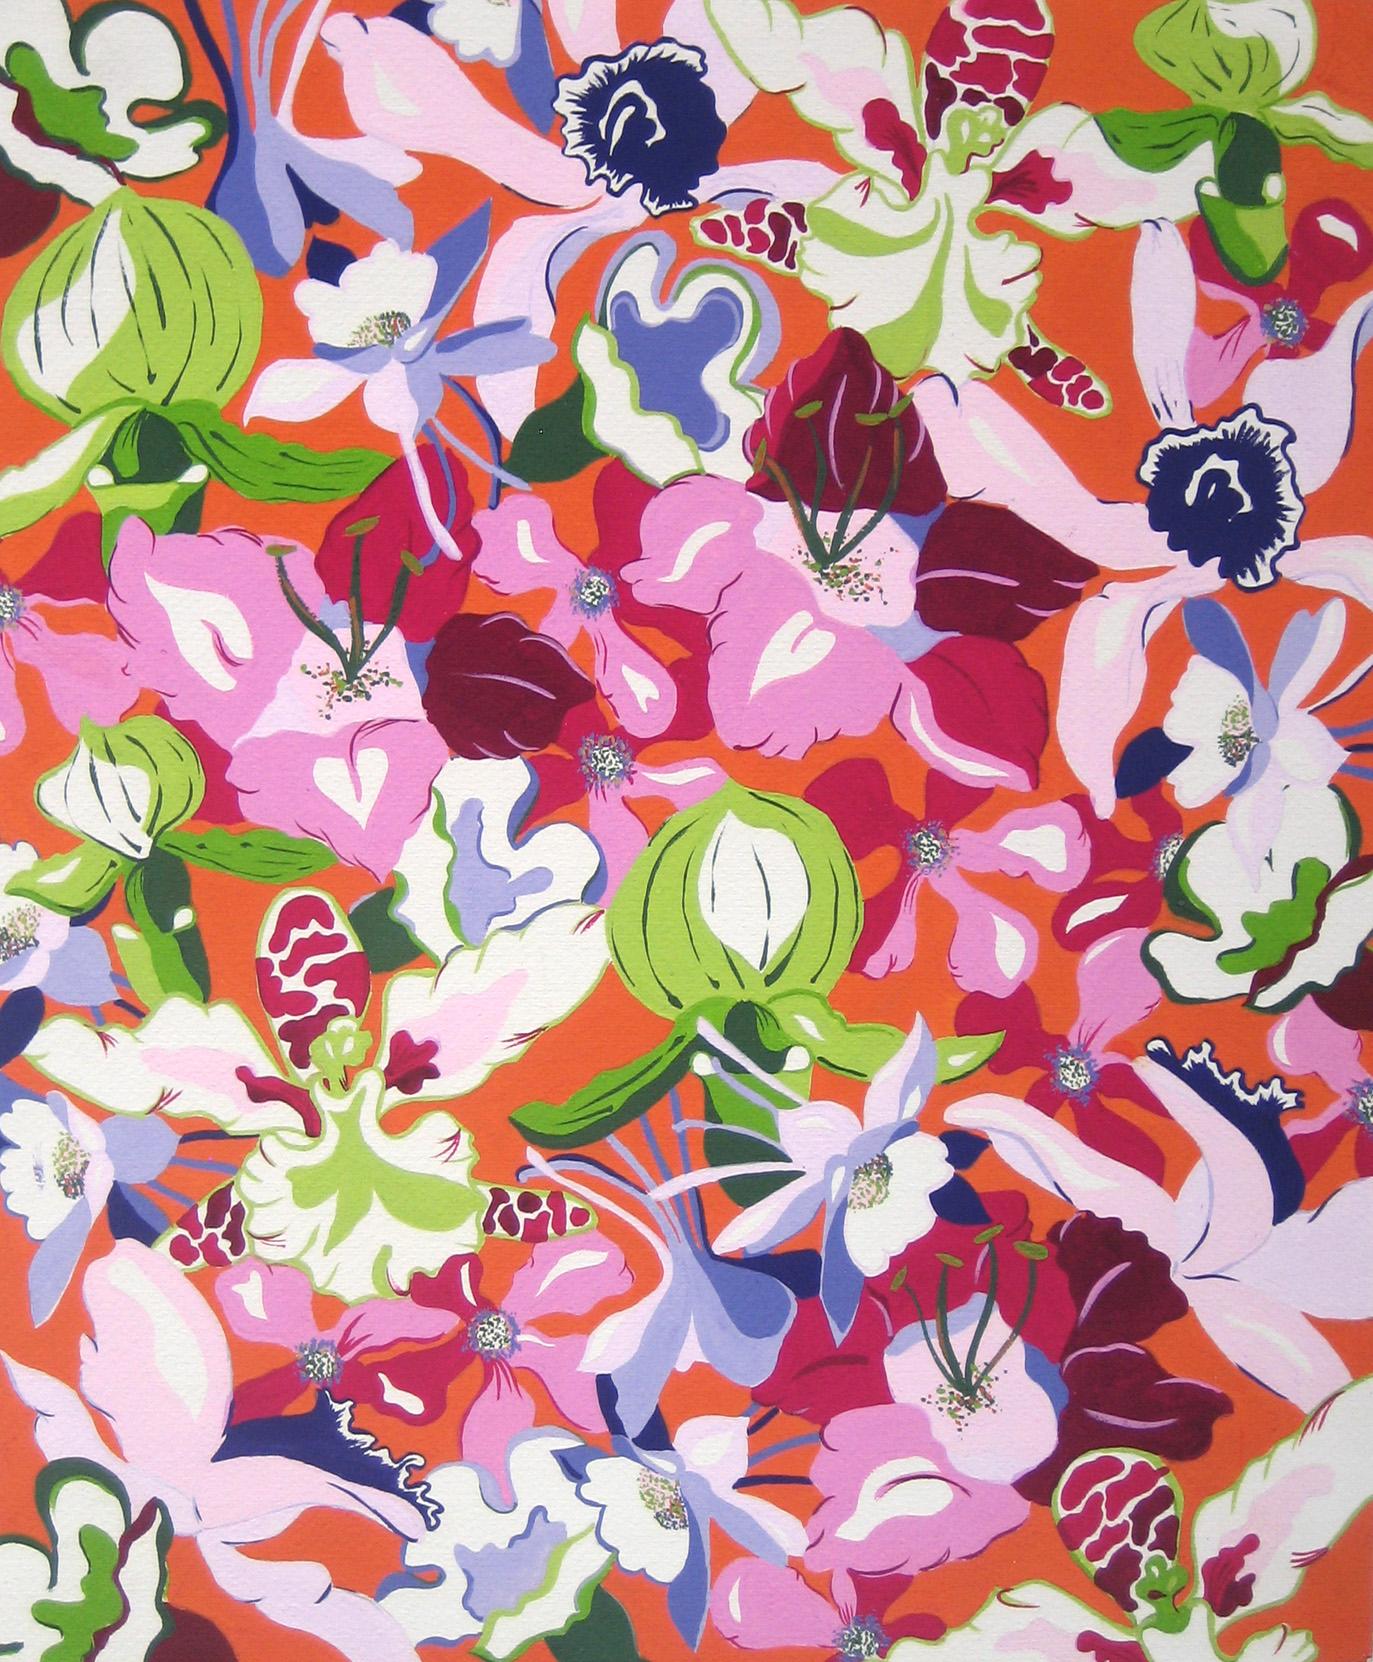 Hand-painted Textile - gouache